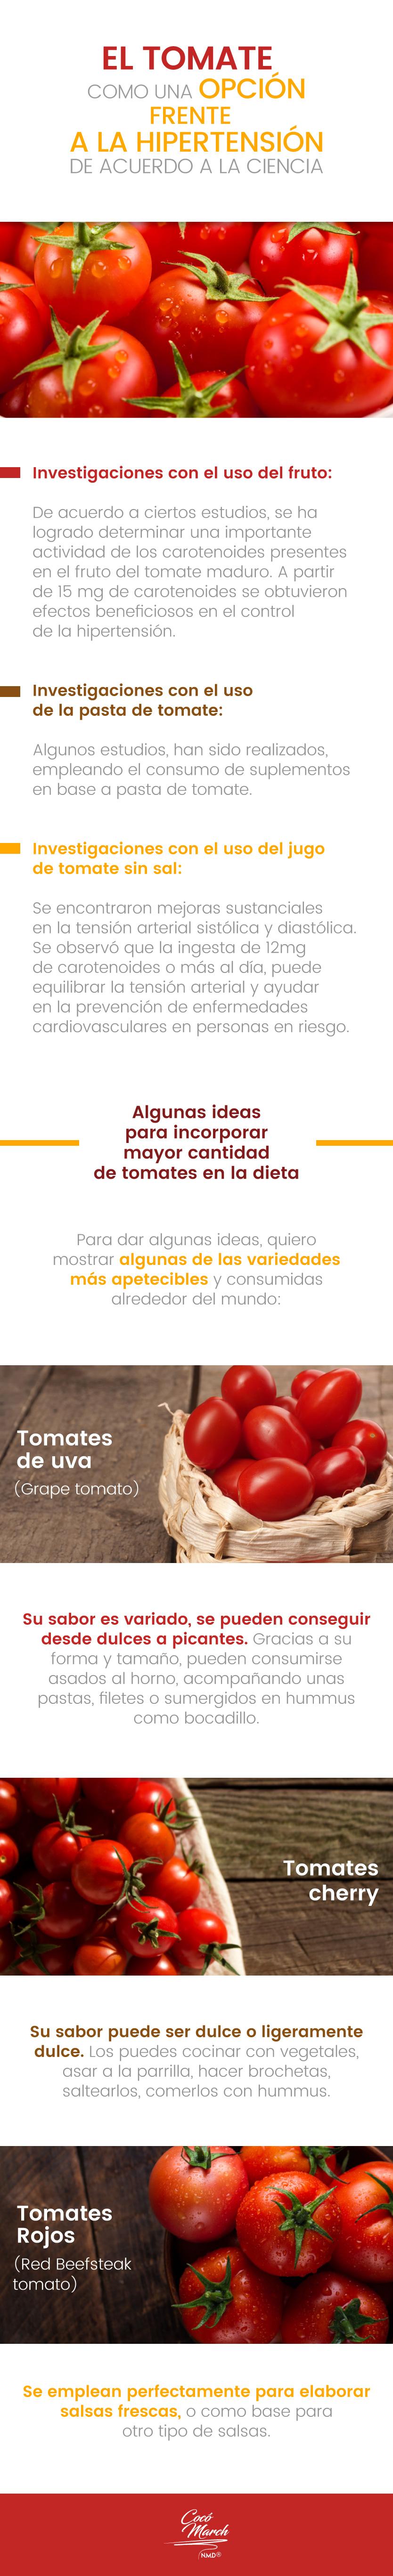 el-tomate-para-la-presion-arterial-alta